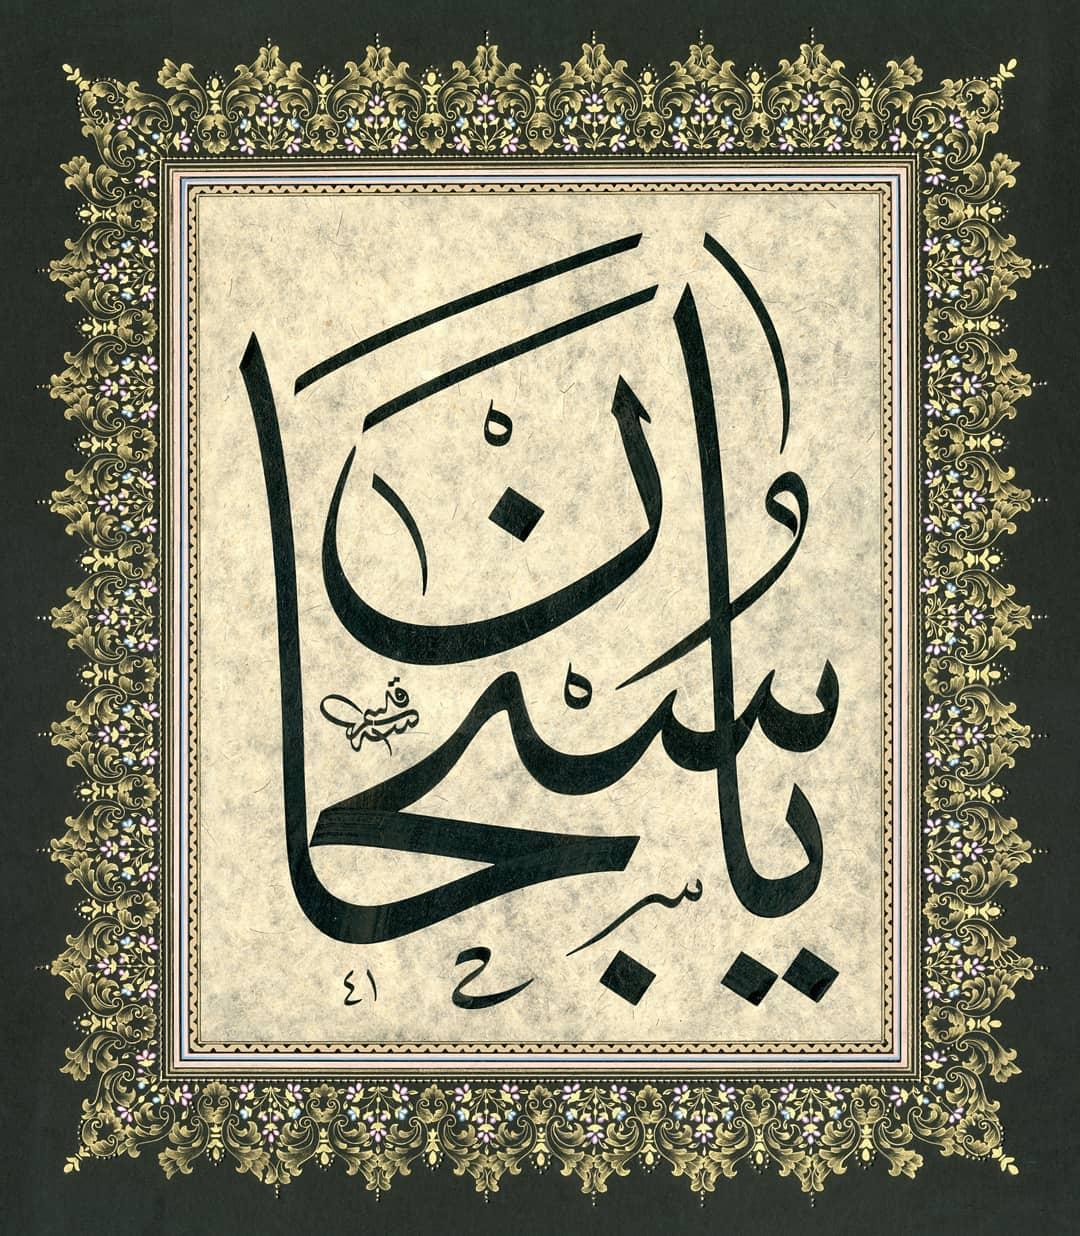 Hattat Kasım Kara قاسم قاره  Yâ Sübhân..Tezhib: Sibel Kara #esmaülhüsna #allah #islamicart #kasımkara #hatsan… 685